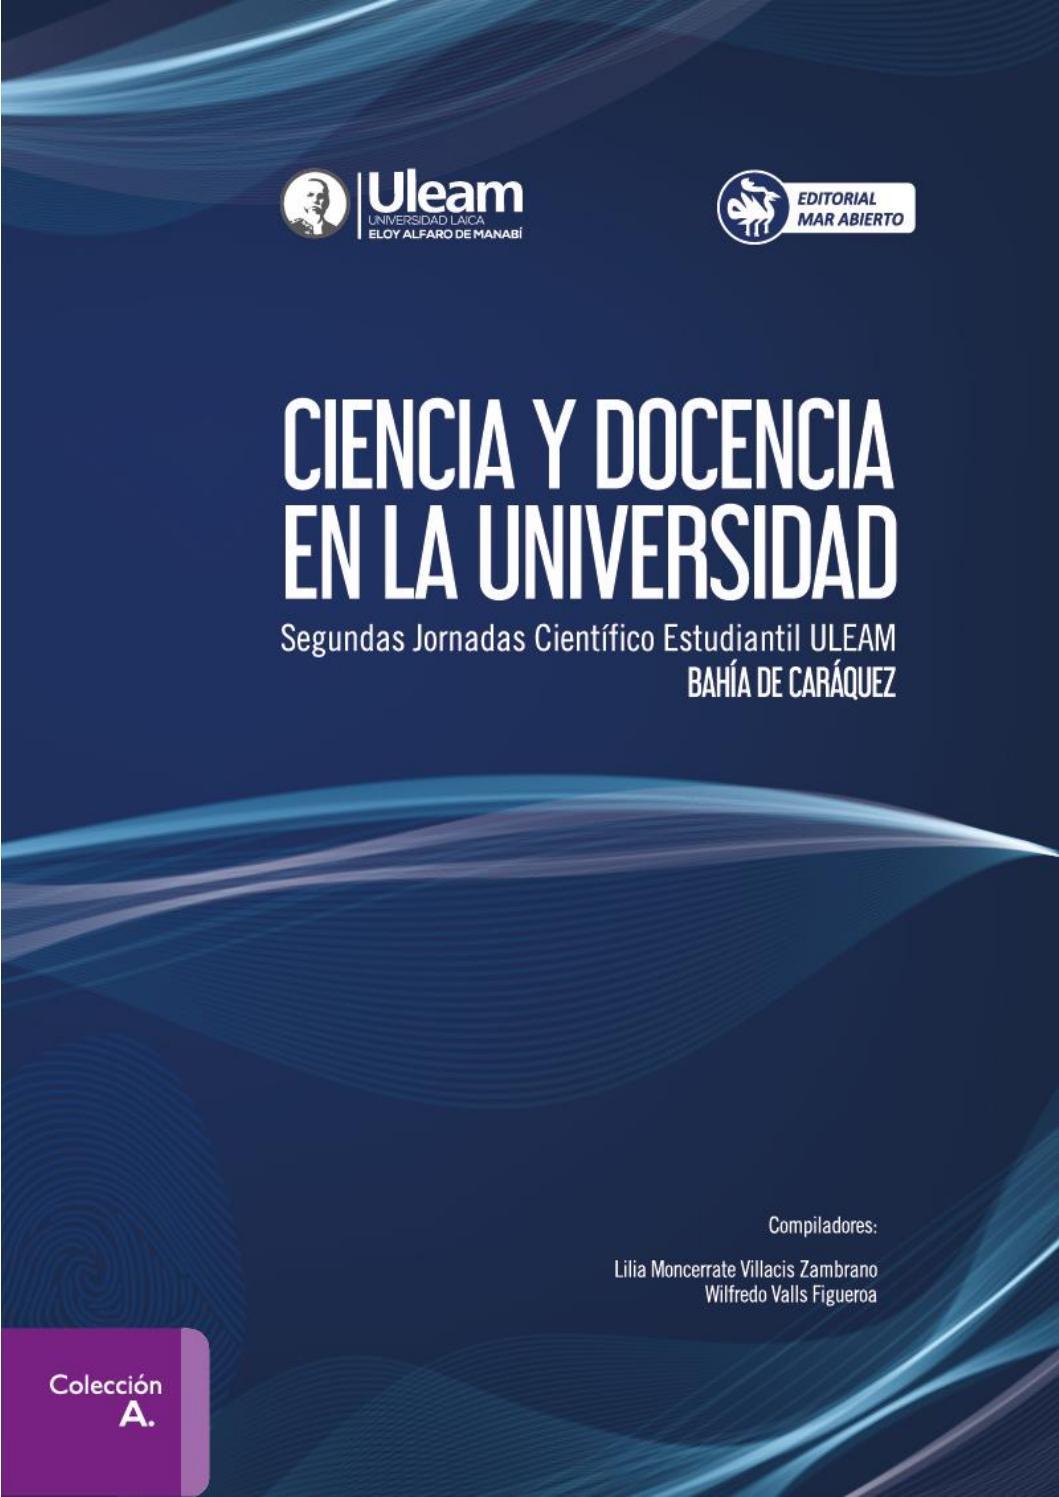 f84ce1454 Ciencia y docencia en la universidad by Editorial Mar Abierto - issuu